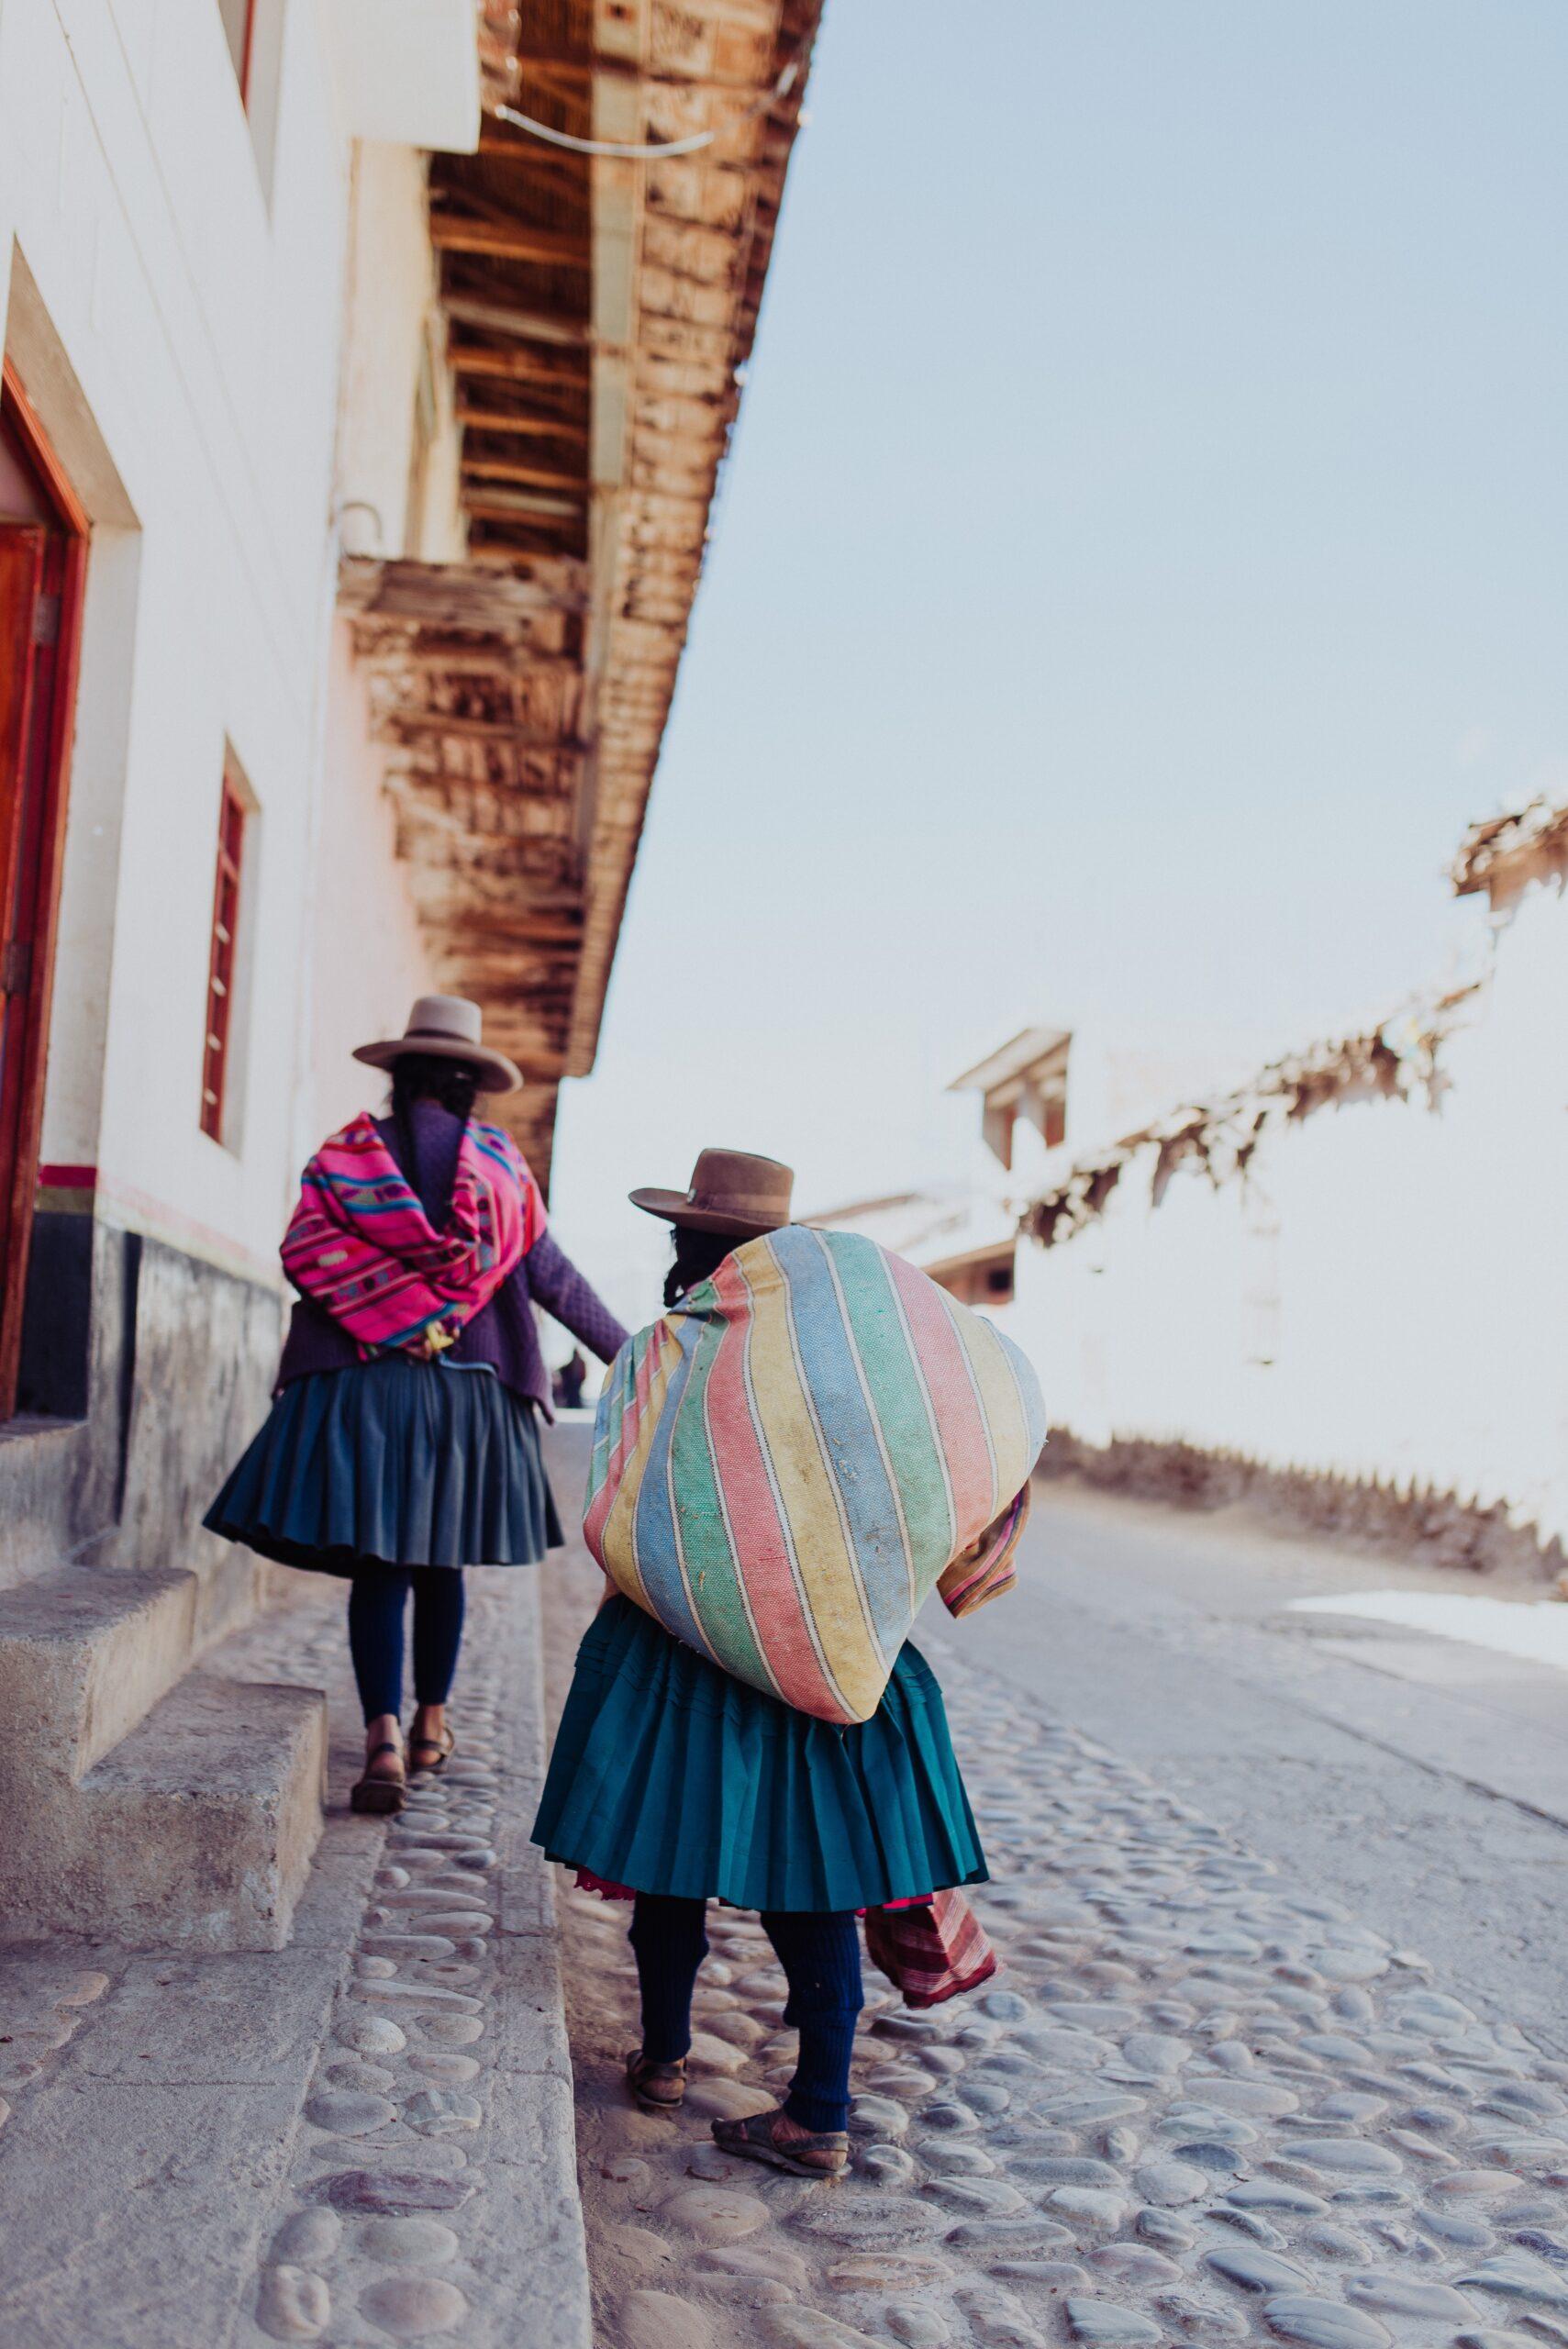 Imagen de la noticia Fortalecimiento y liderazgo femenino para el acceso productivo, ciudadano y defensa de los derechos económicos, culturales y ambientales (DESCA)